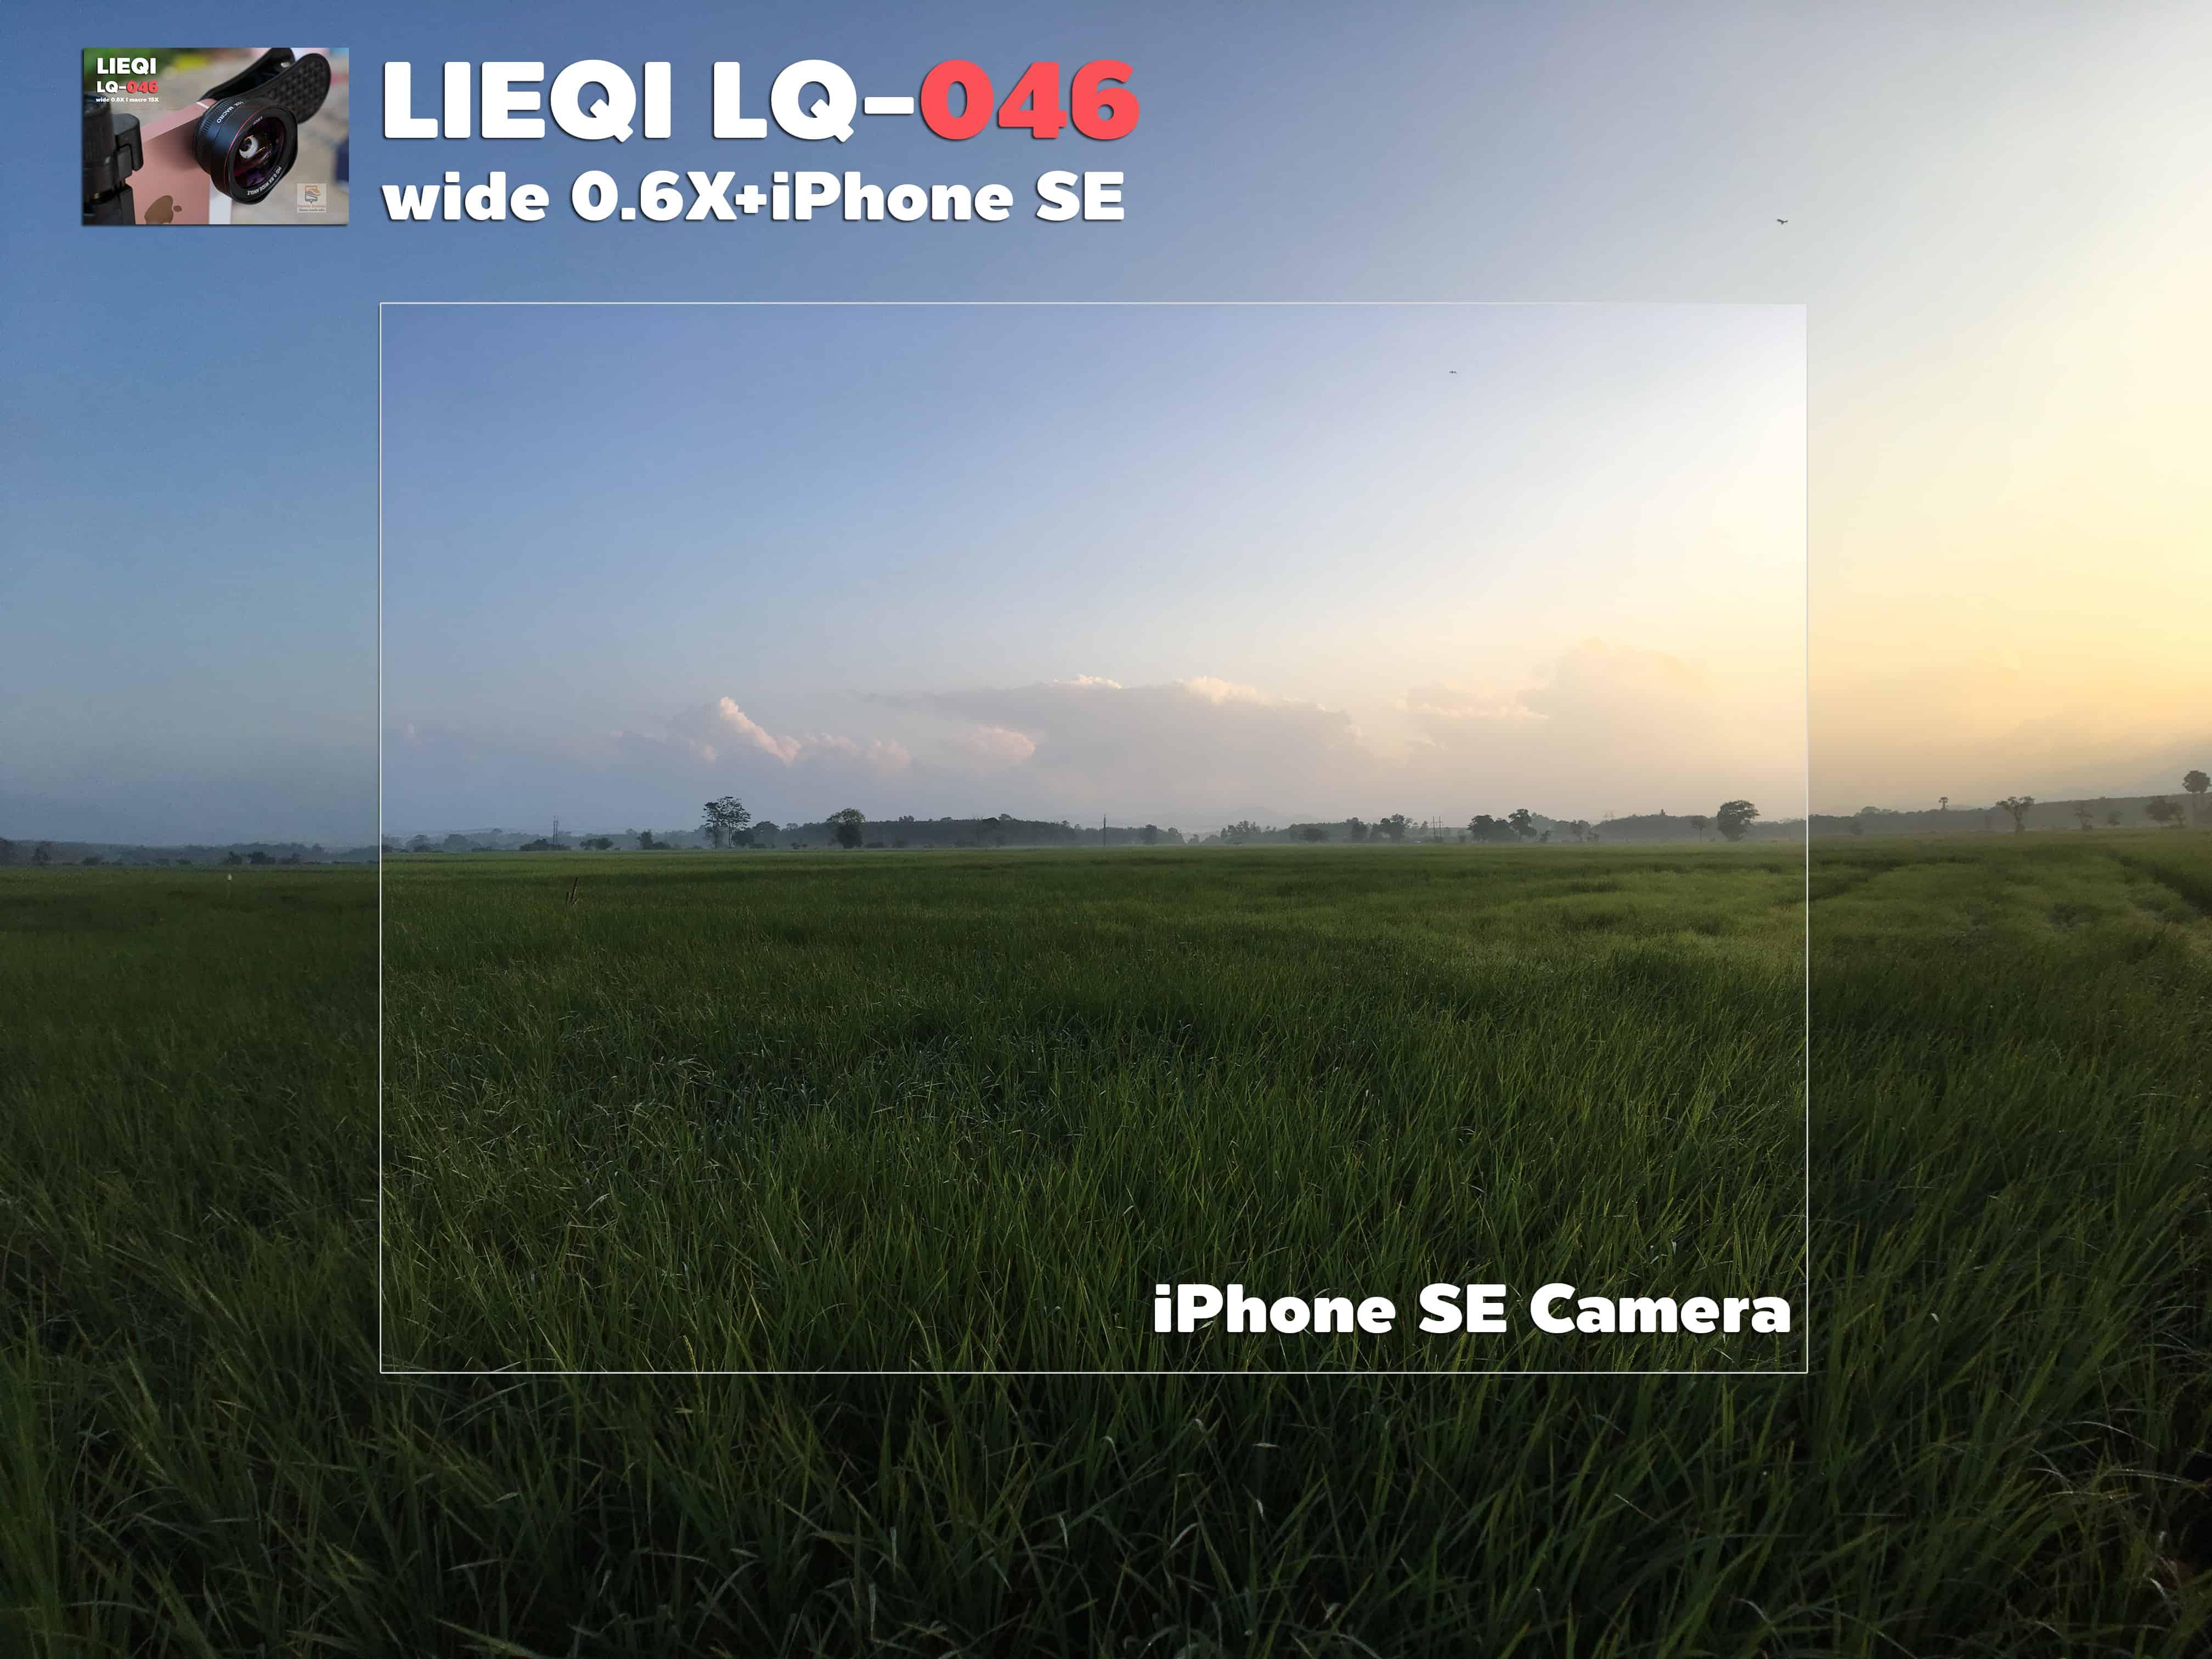 รีวิว LQ-046 เลนส์มือถือ Lieqi HD Wide 0.6X+Macro 15X ถ่ายสวยใส ไม่มีขอบดำ คมชัดทั้งภาพ กล้อง iPhone SE-9